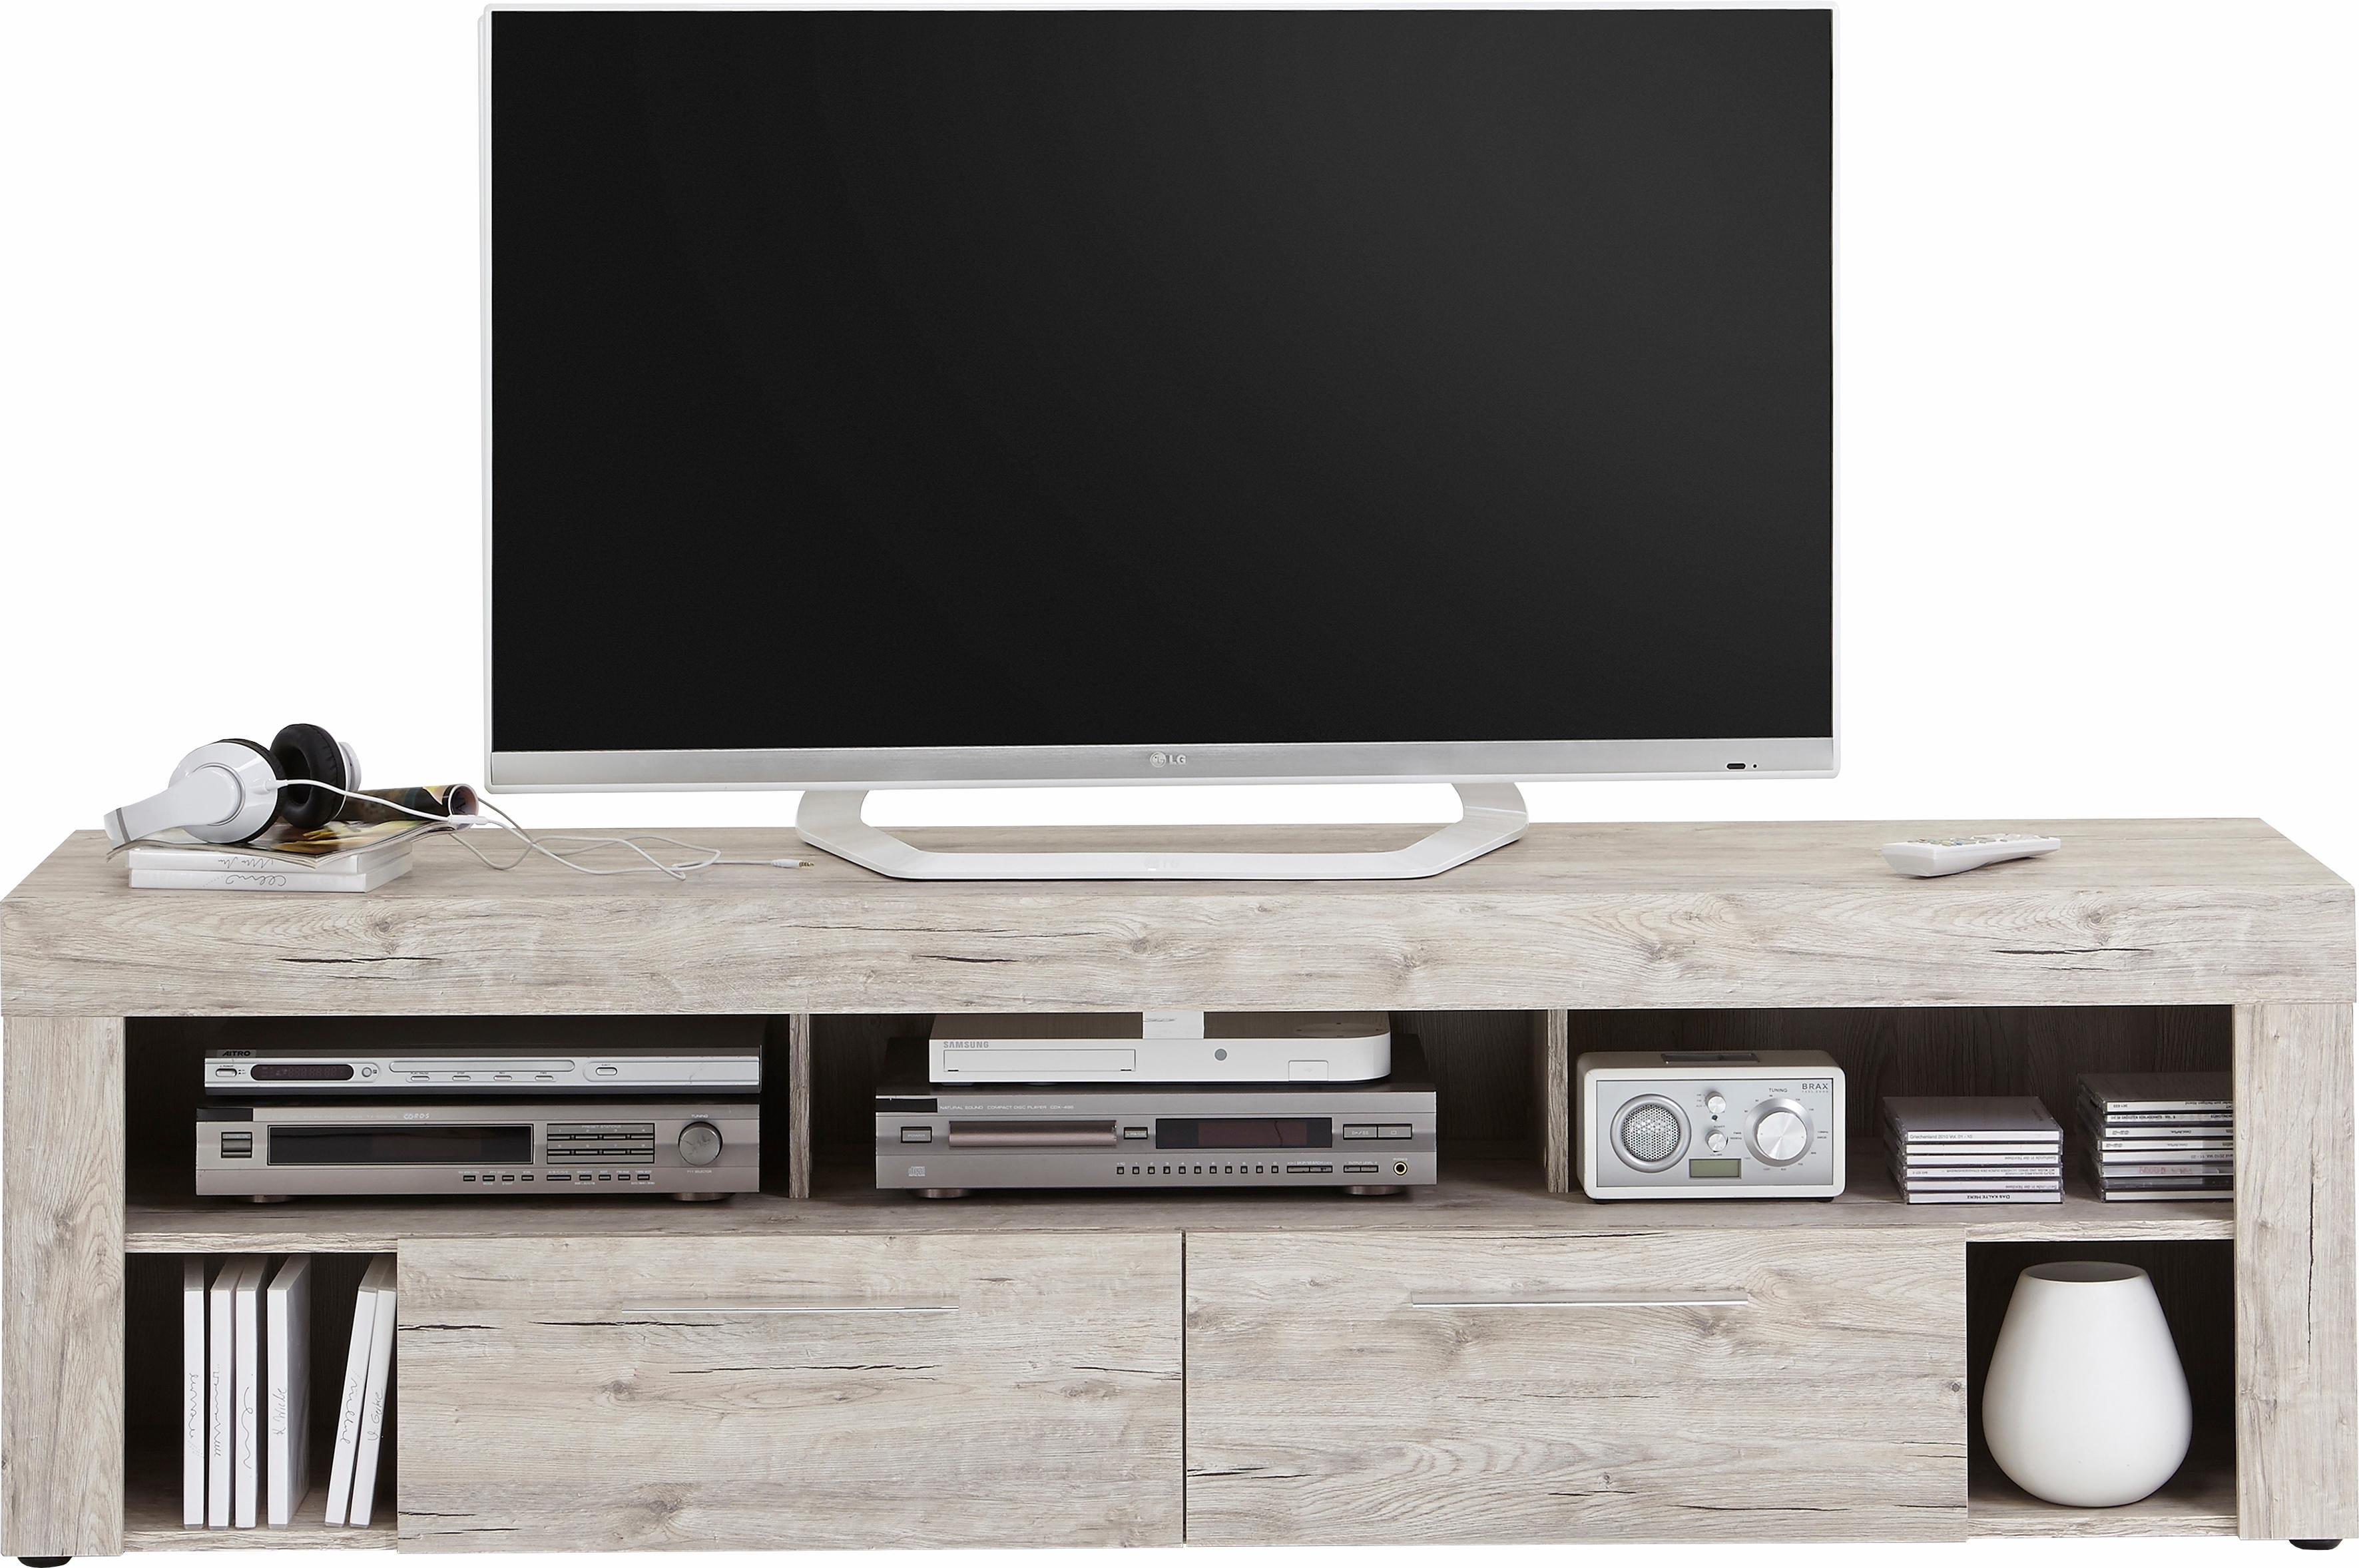 Fmd TV-meubel »VIBIO 2«, breedte 180 cm bestellen: 14 dagen bedenktijd